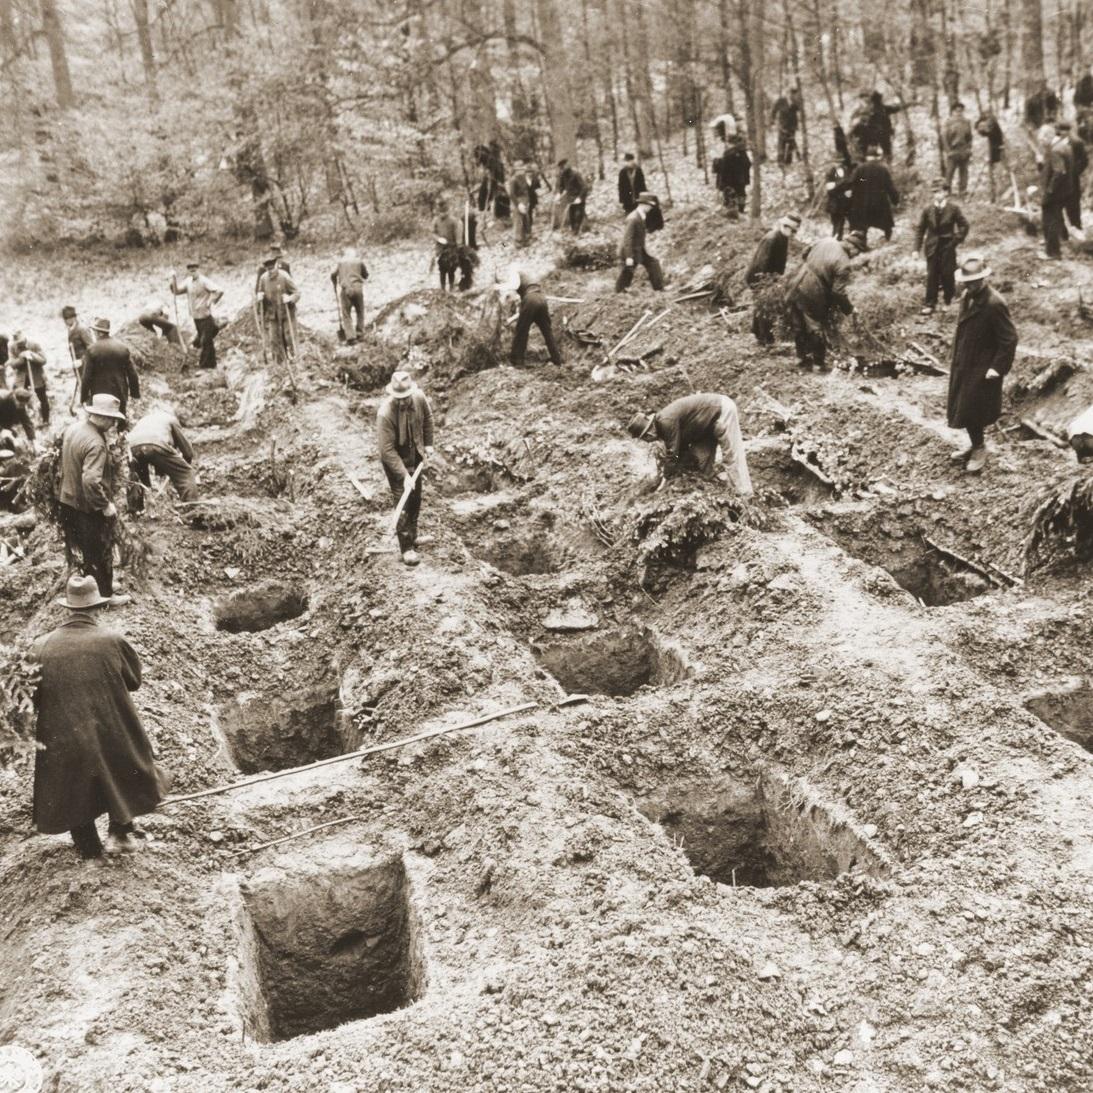 Pod nadzorem amerykańskich żołnierzy niemieccy cywile z Suttrop wykopują groby dla ofiar marcowej masakry.